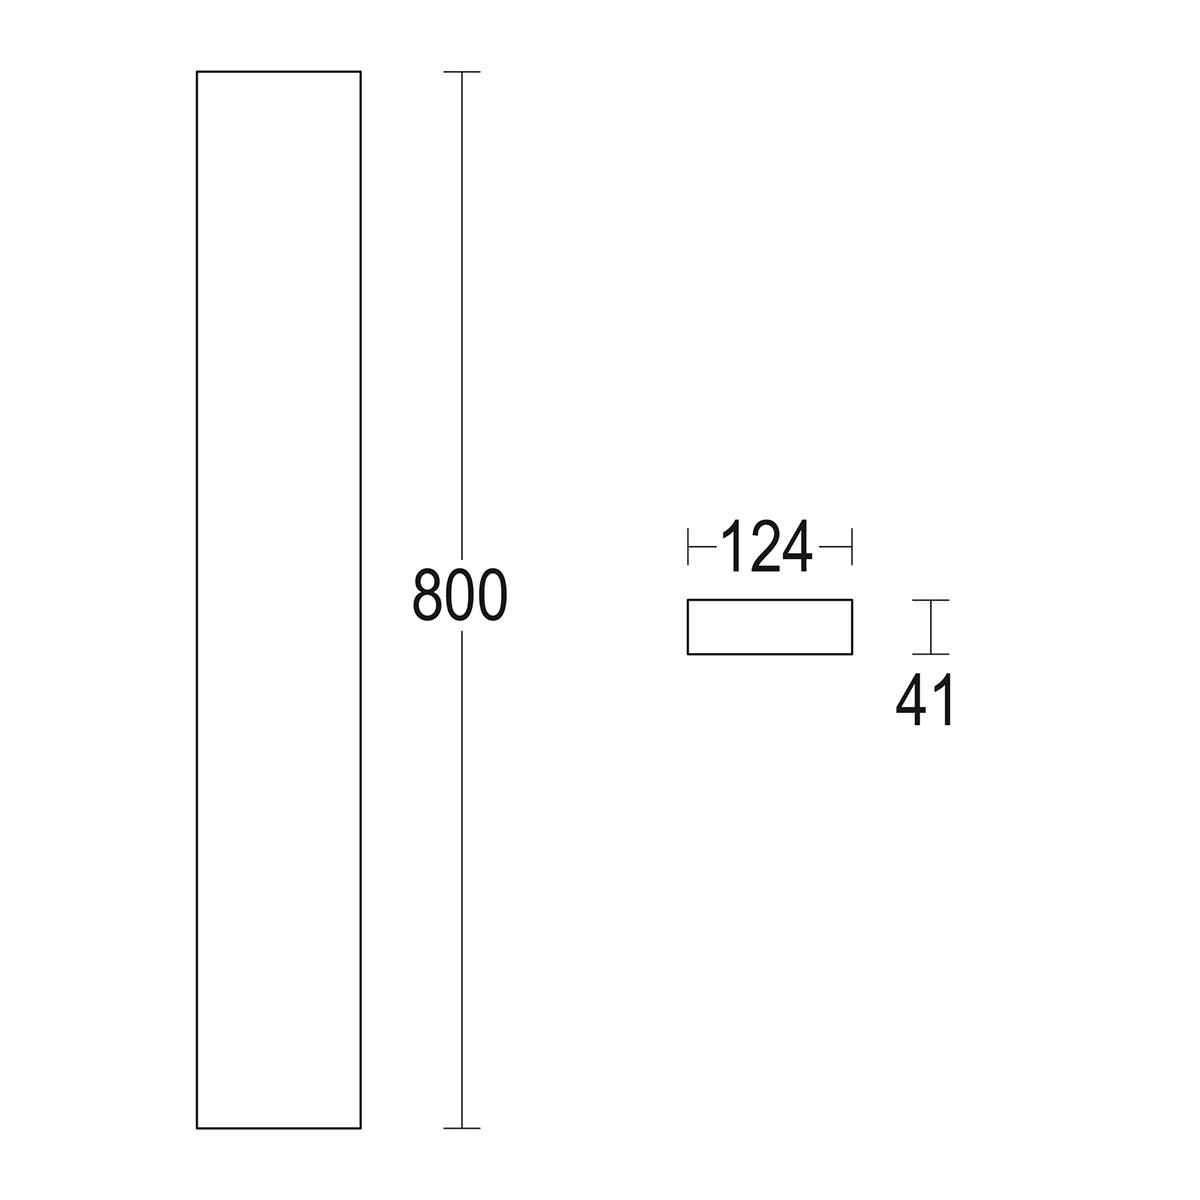 чертеж Rettangolo 800 Ghidini уличный светильник GH1423.CAXO300EN